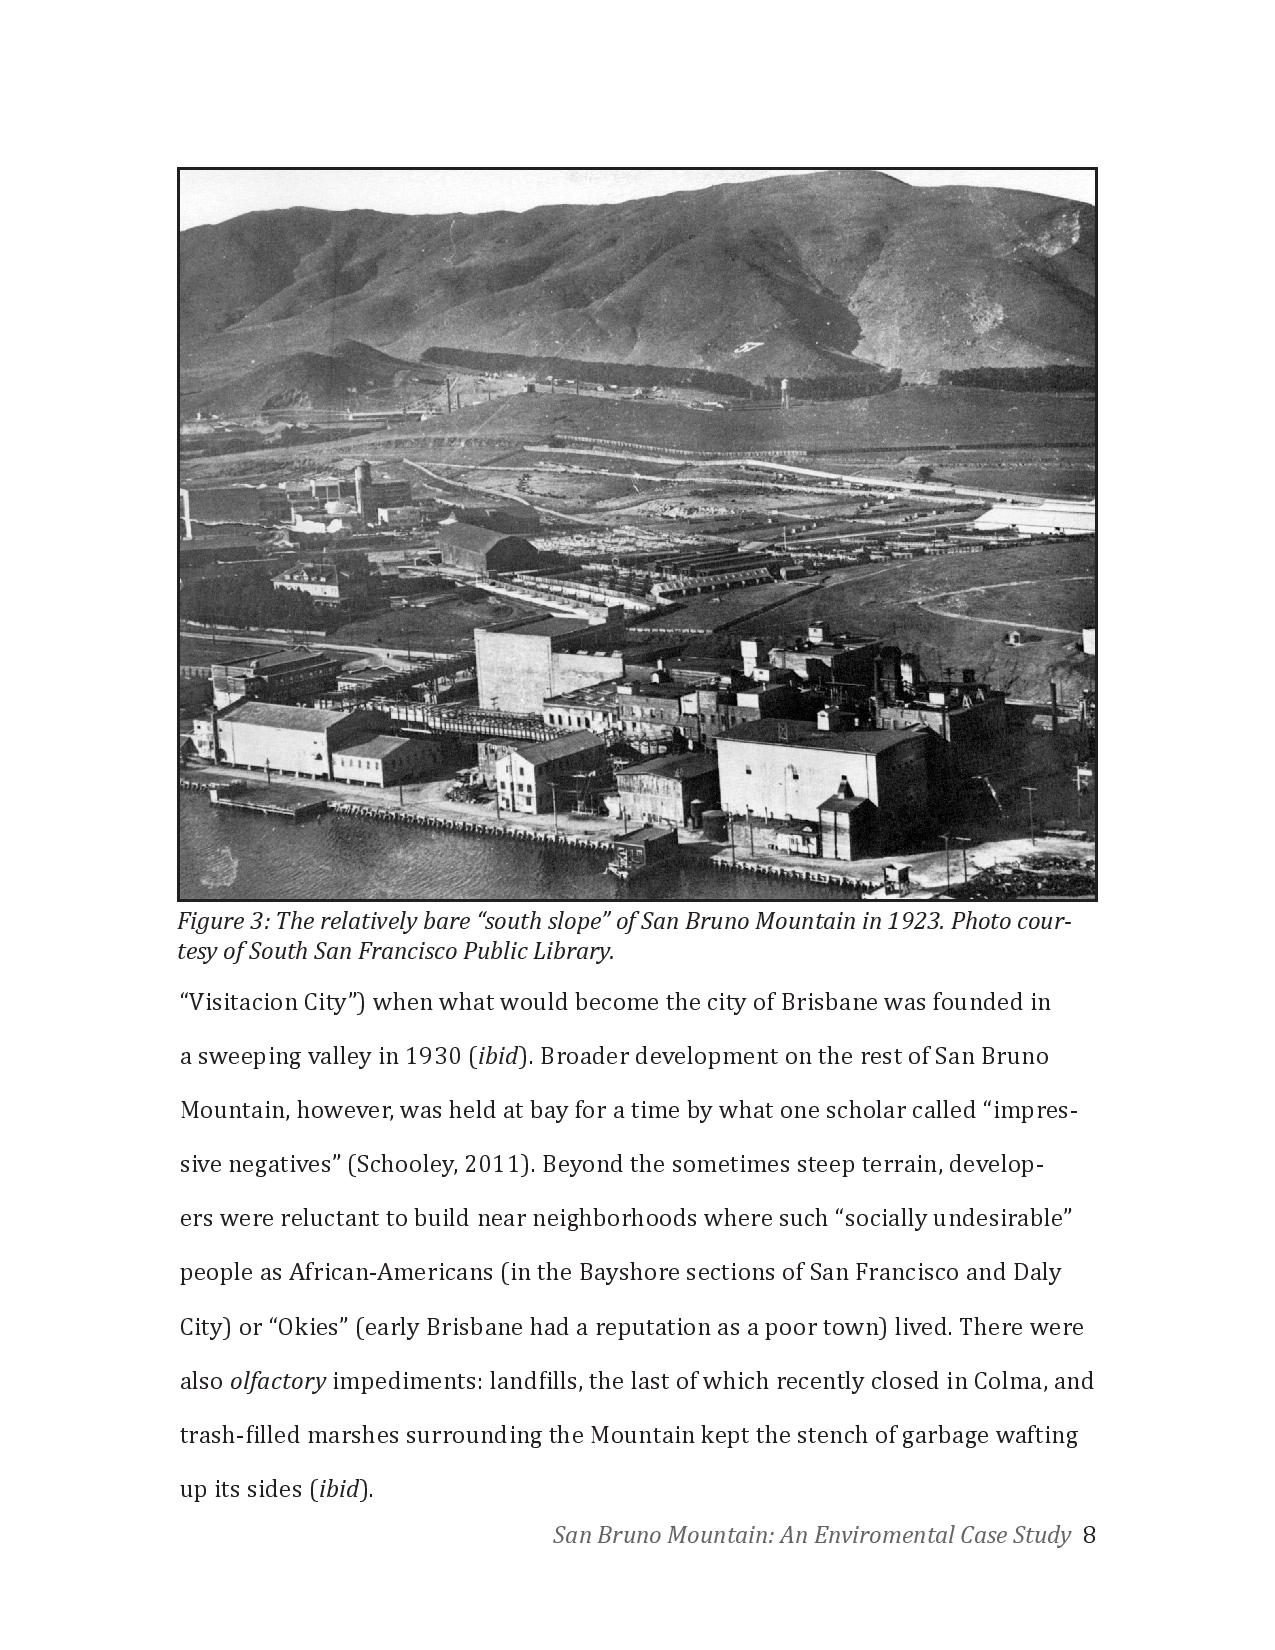 SBM An Environmental Case Study J Baker-page-008